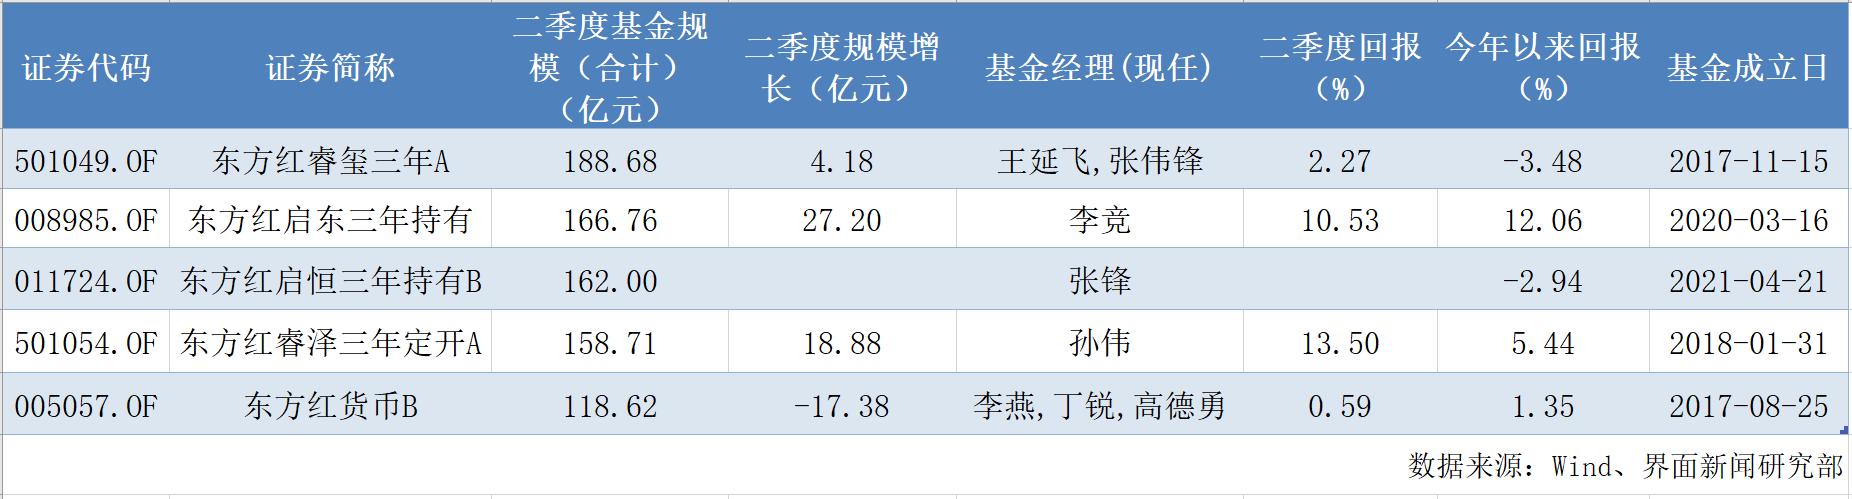 东方红百亿基金增至5只 其中2只还亏损着